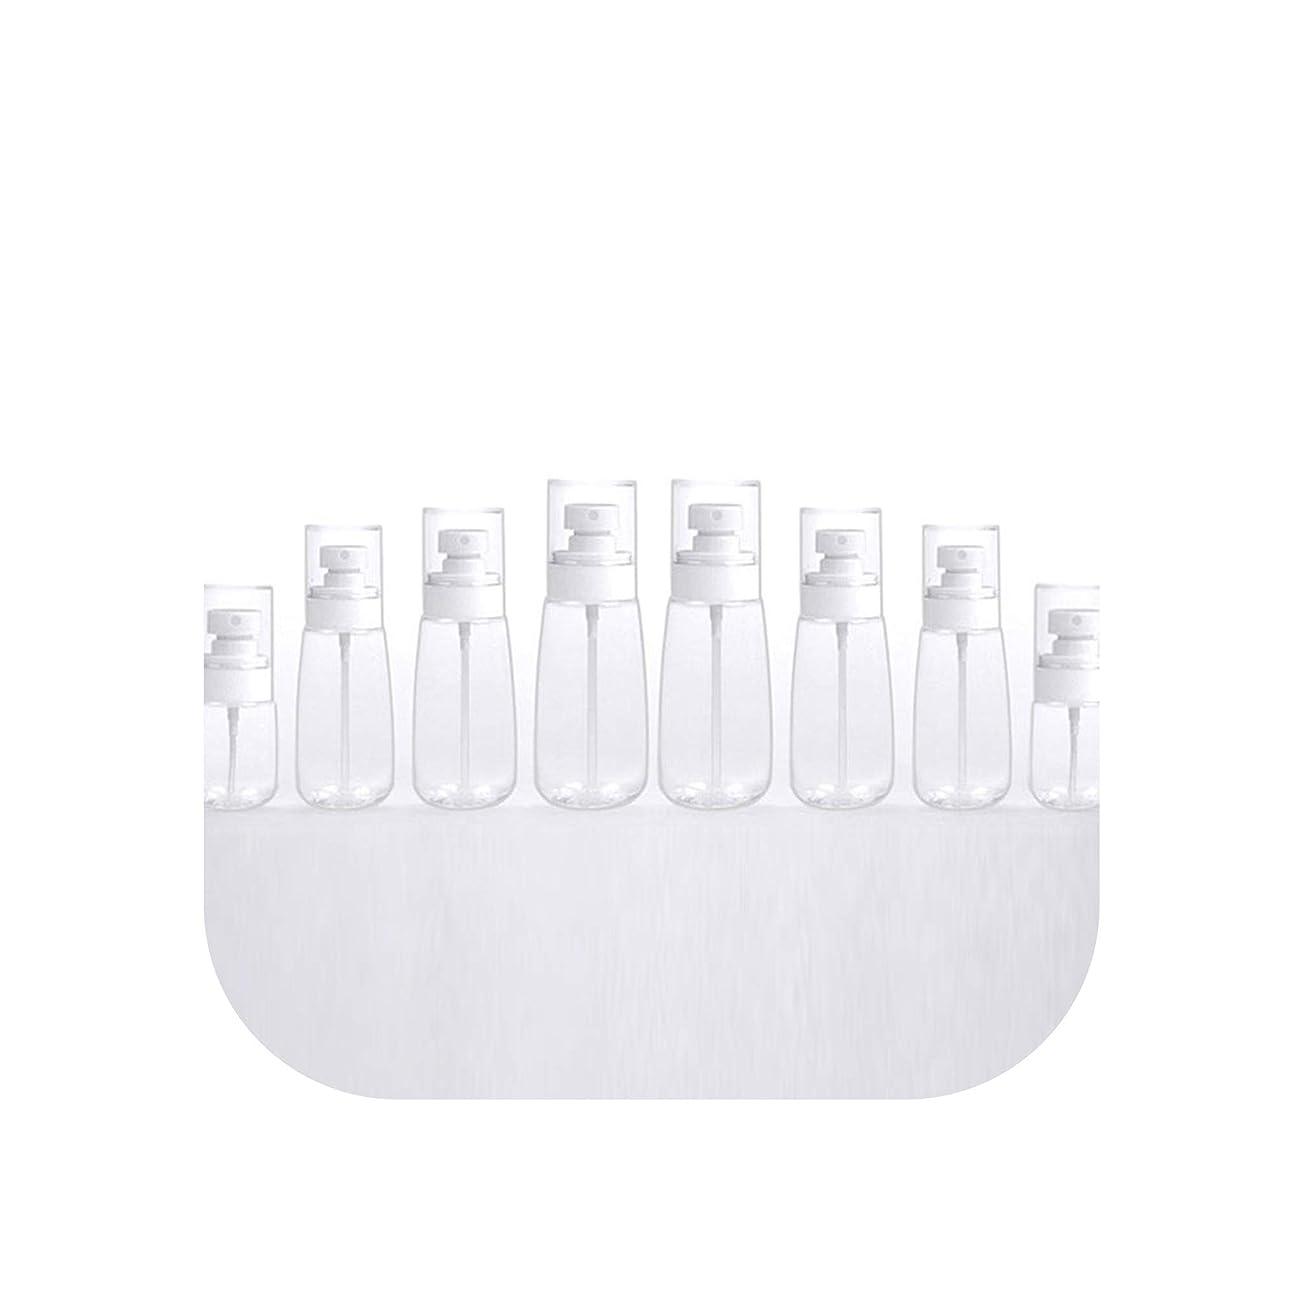 30 100ミリリットルカラフルな透明な香水スプレーボトルファインスプレー詰め替え旅行サブボトルアトマイザー旅行コンテナボトルポンプ、60ミリリットル、クリア